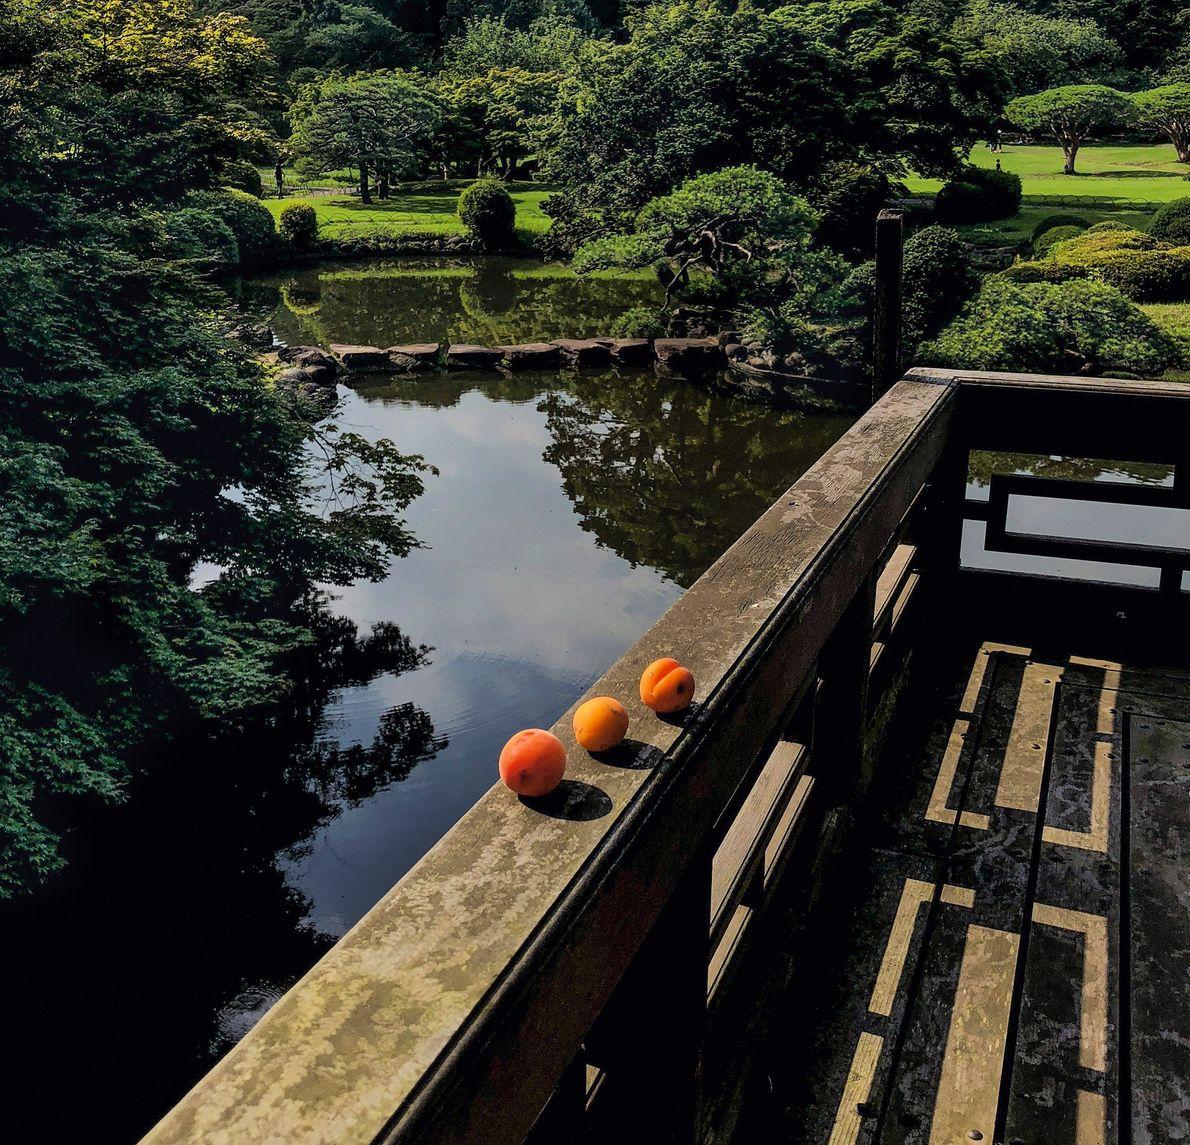 Une offrande d'abricots repose sur la balustrade d'un pavillon du jardin national de Shinjuku Gyoen à …